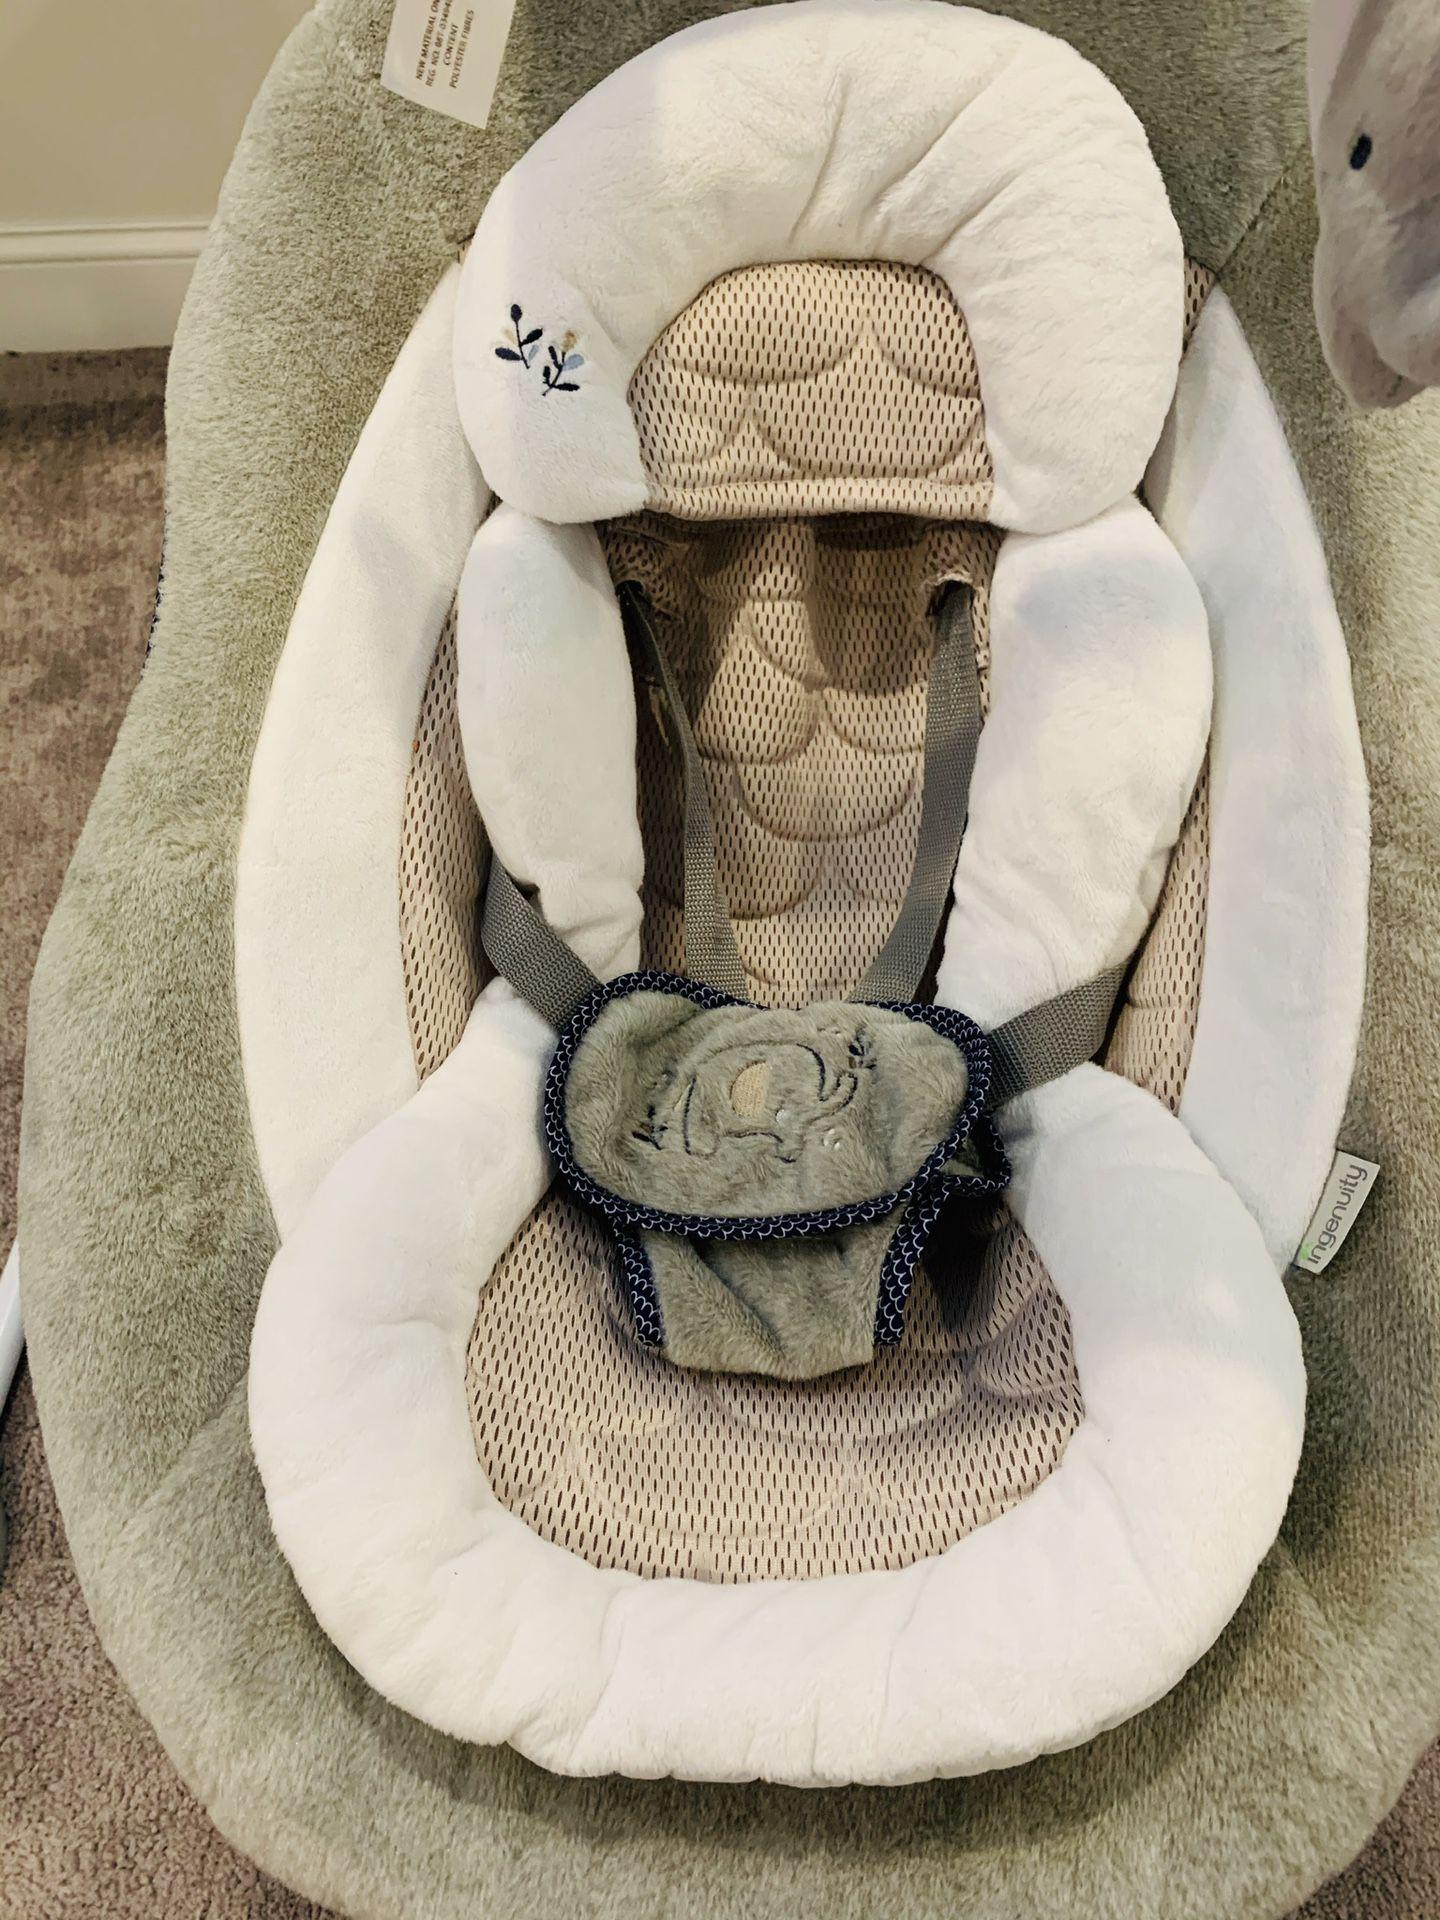 DreamComfort InLighten Cradling Baby Swing